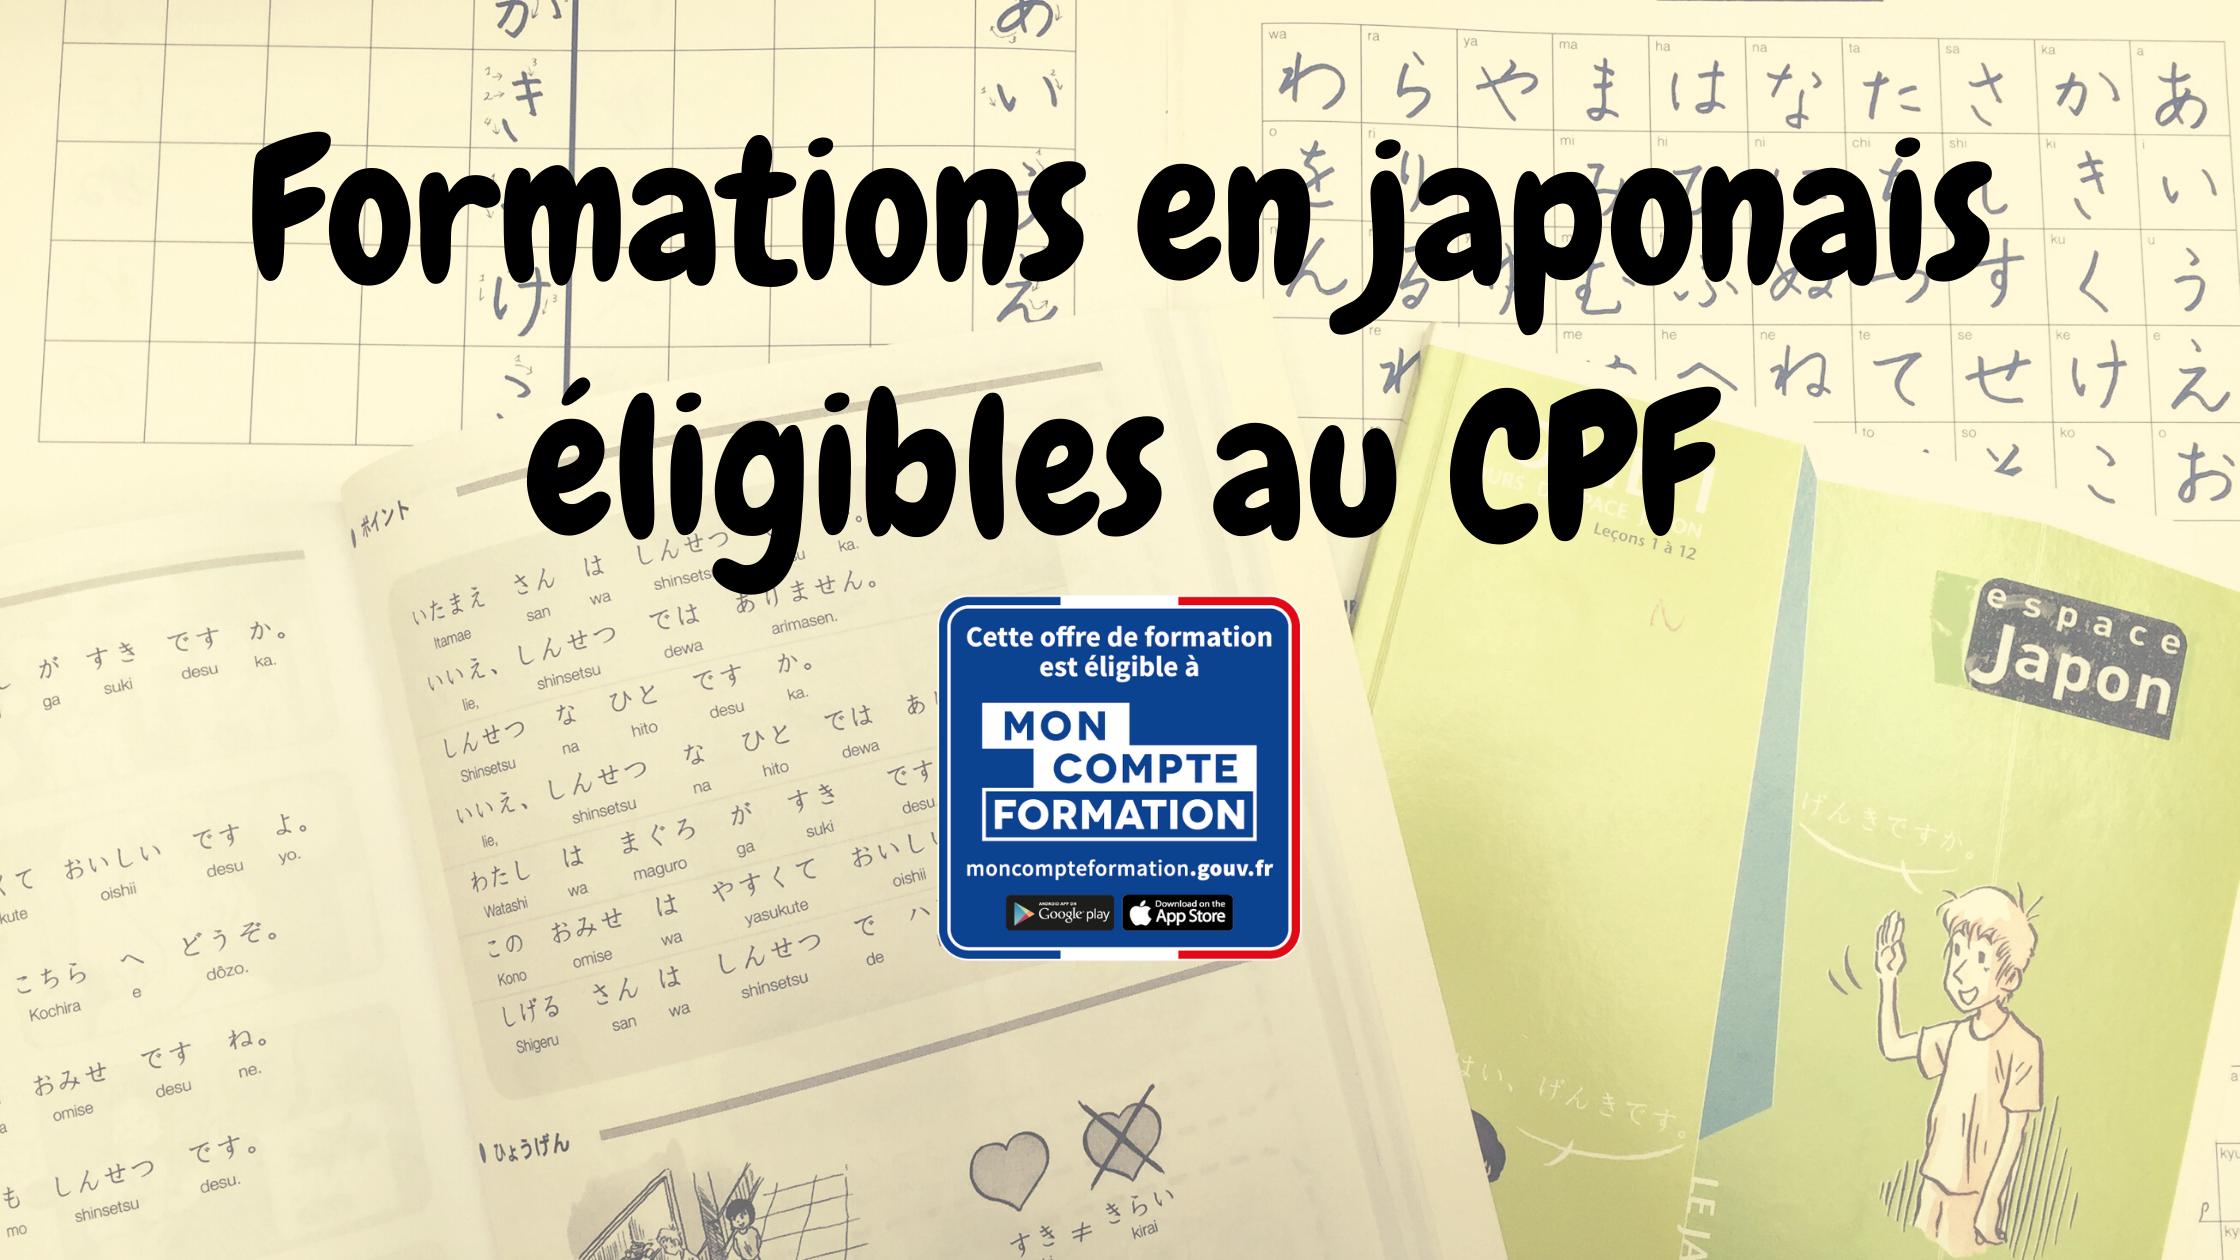 Suivez des cours de japonais avec votre CPF